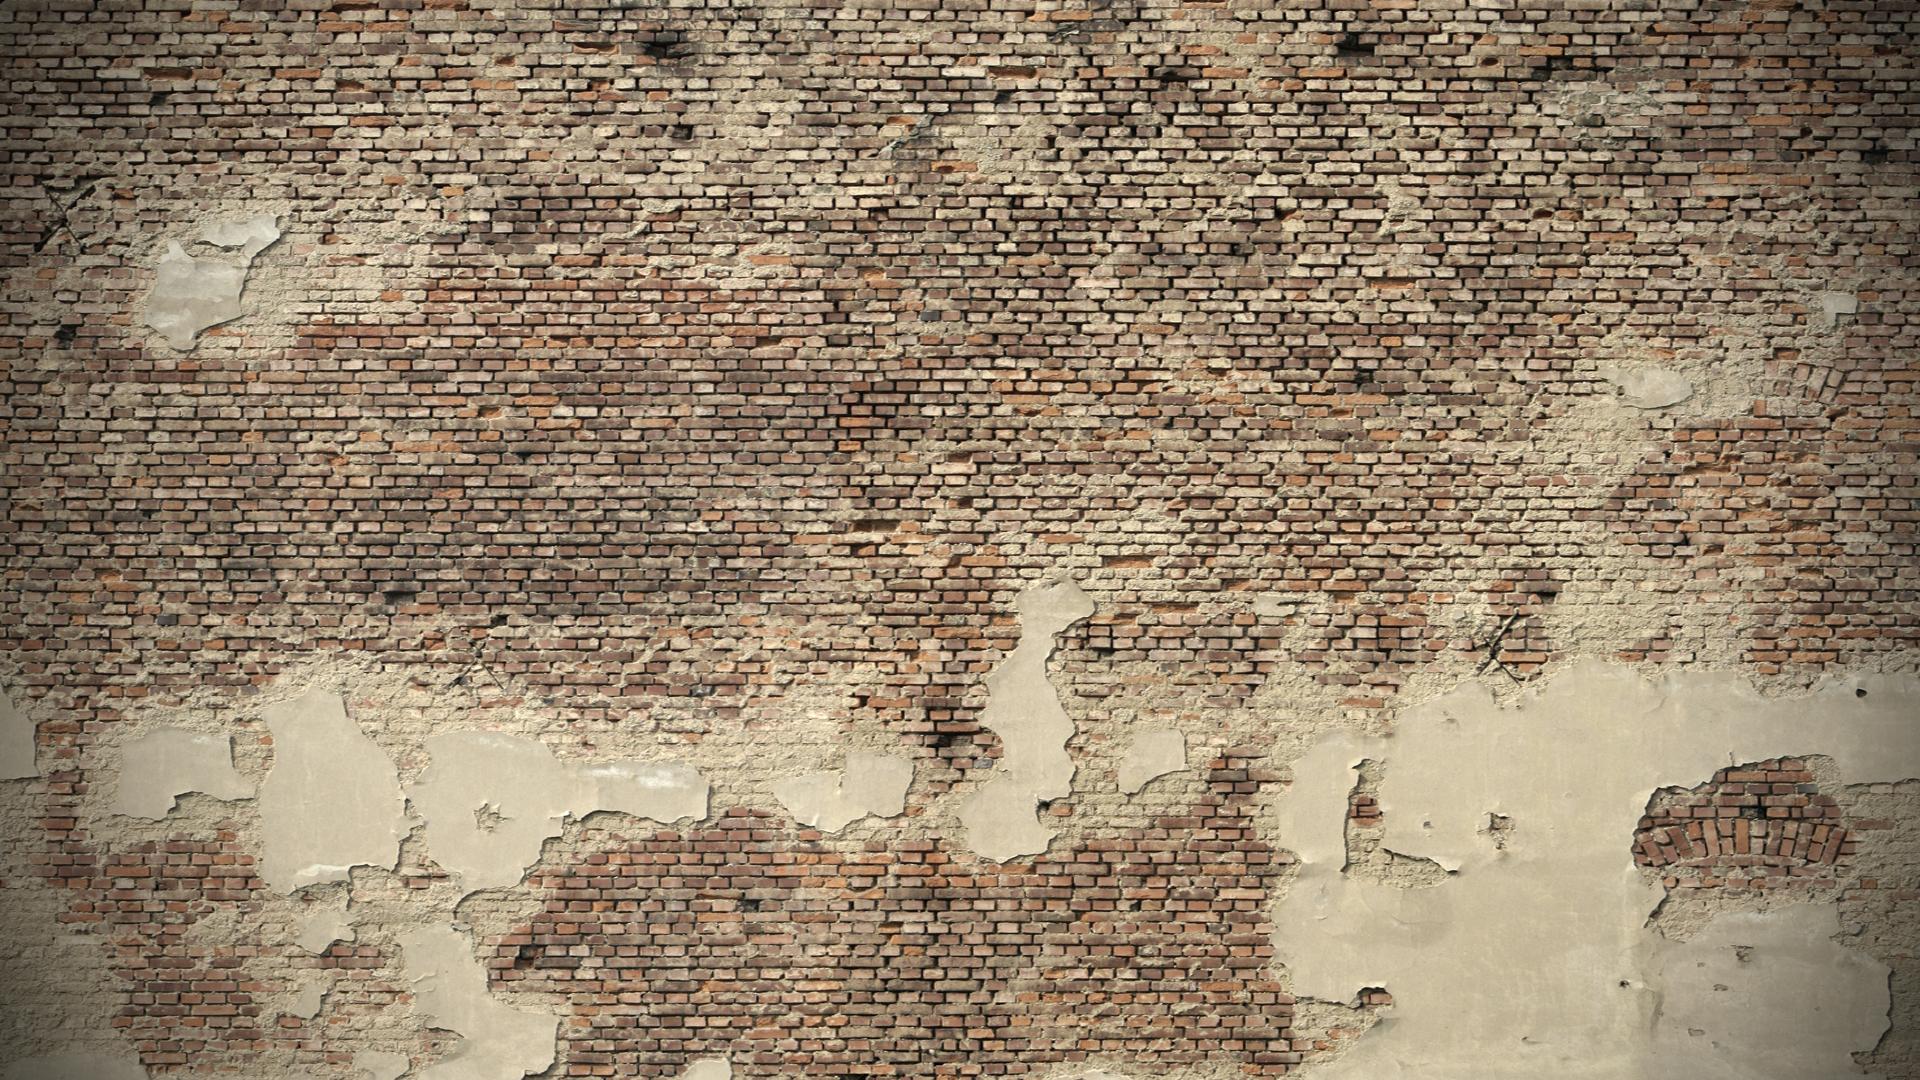 texture wallpaper for walls 2015   Grasscloth Wallpaper 1920x1080